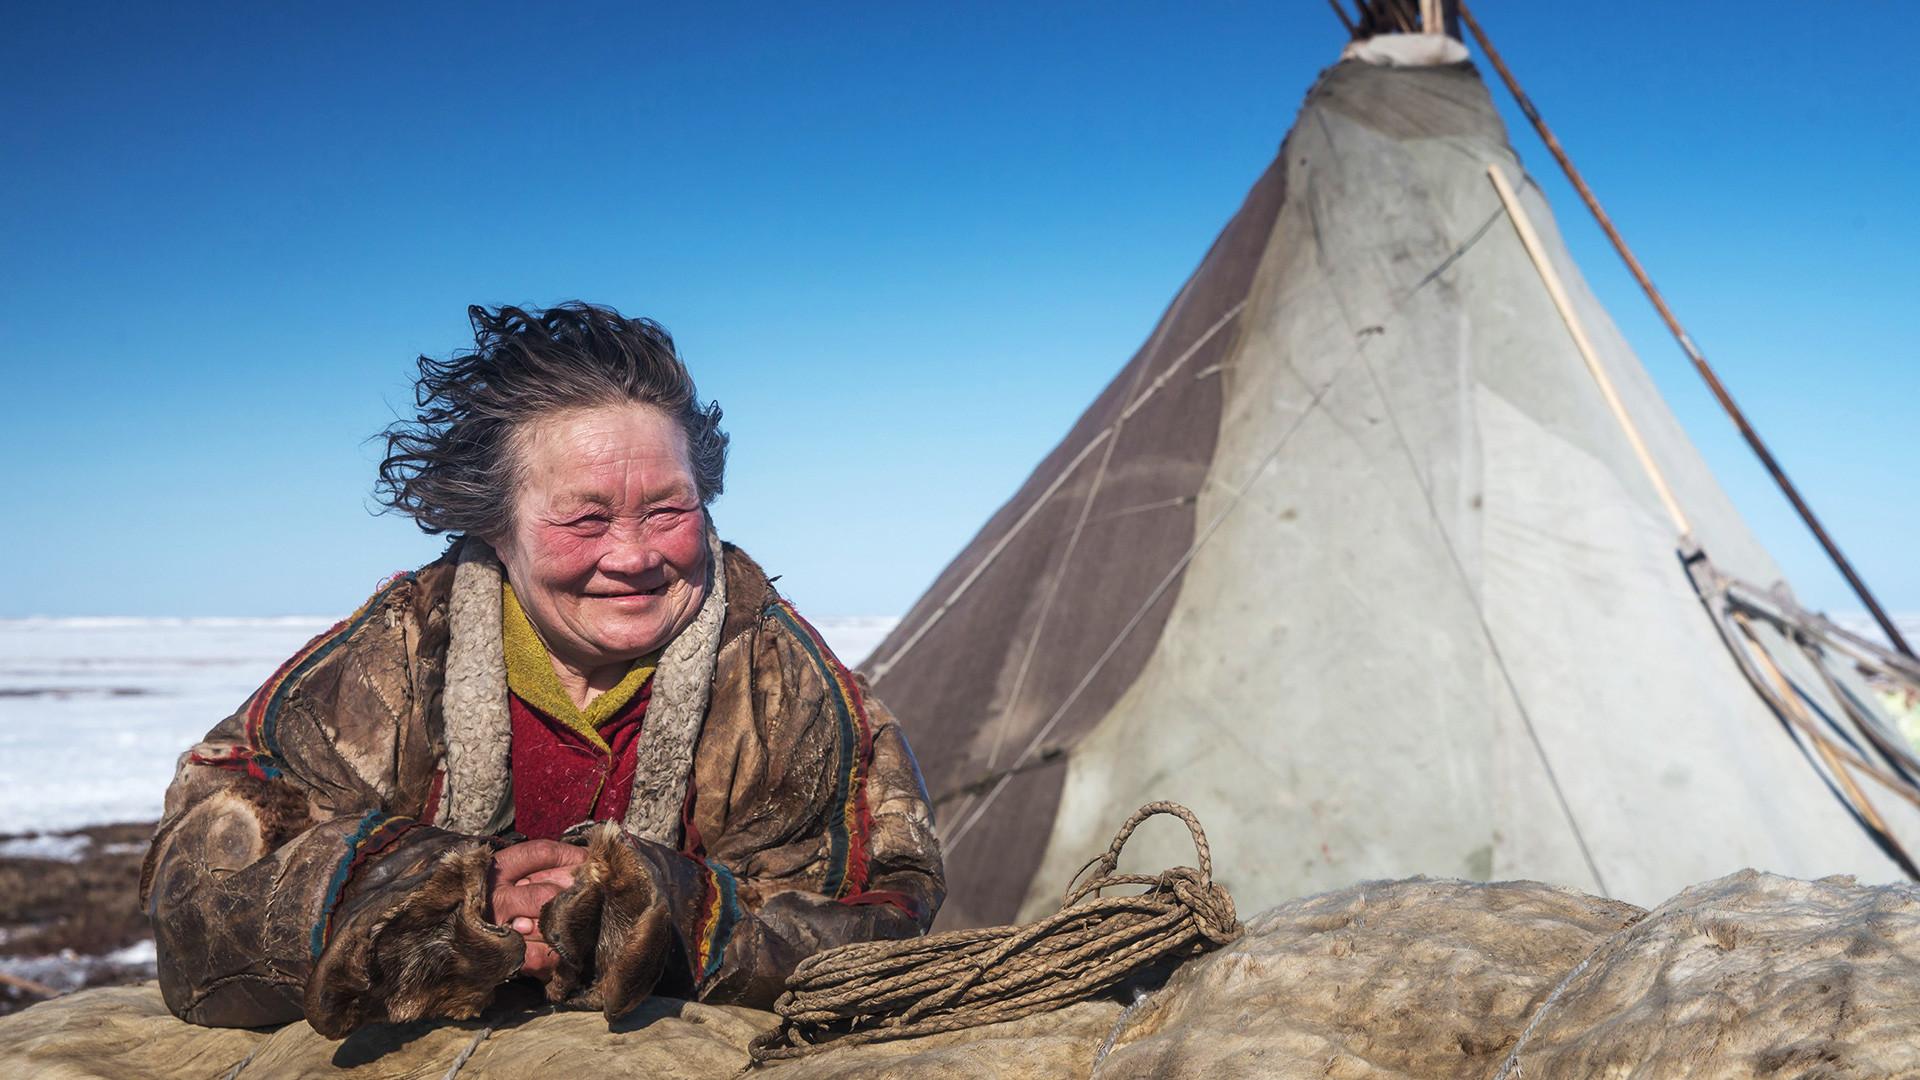 Uzgajivačica sobova u nomadskom naselju 150 km od grada Saleharda, Jamalo‑Nenecki autonomni okrug, 2. svibnja 2016.